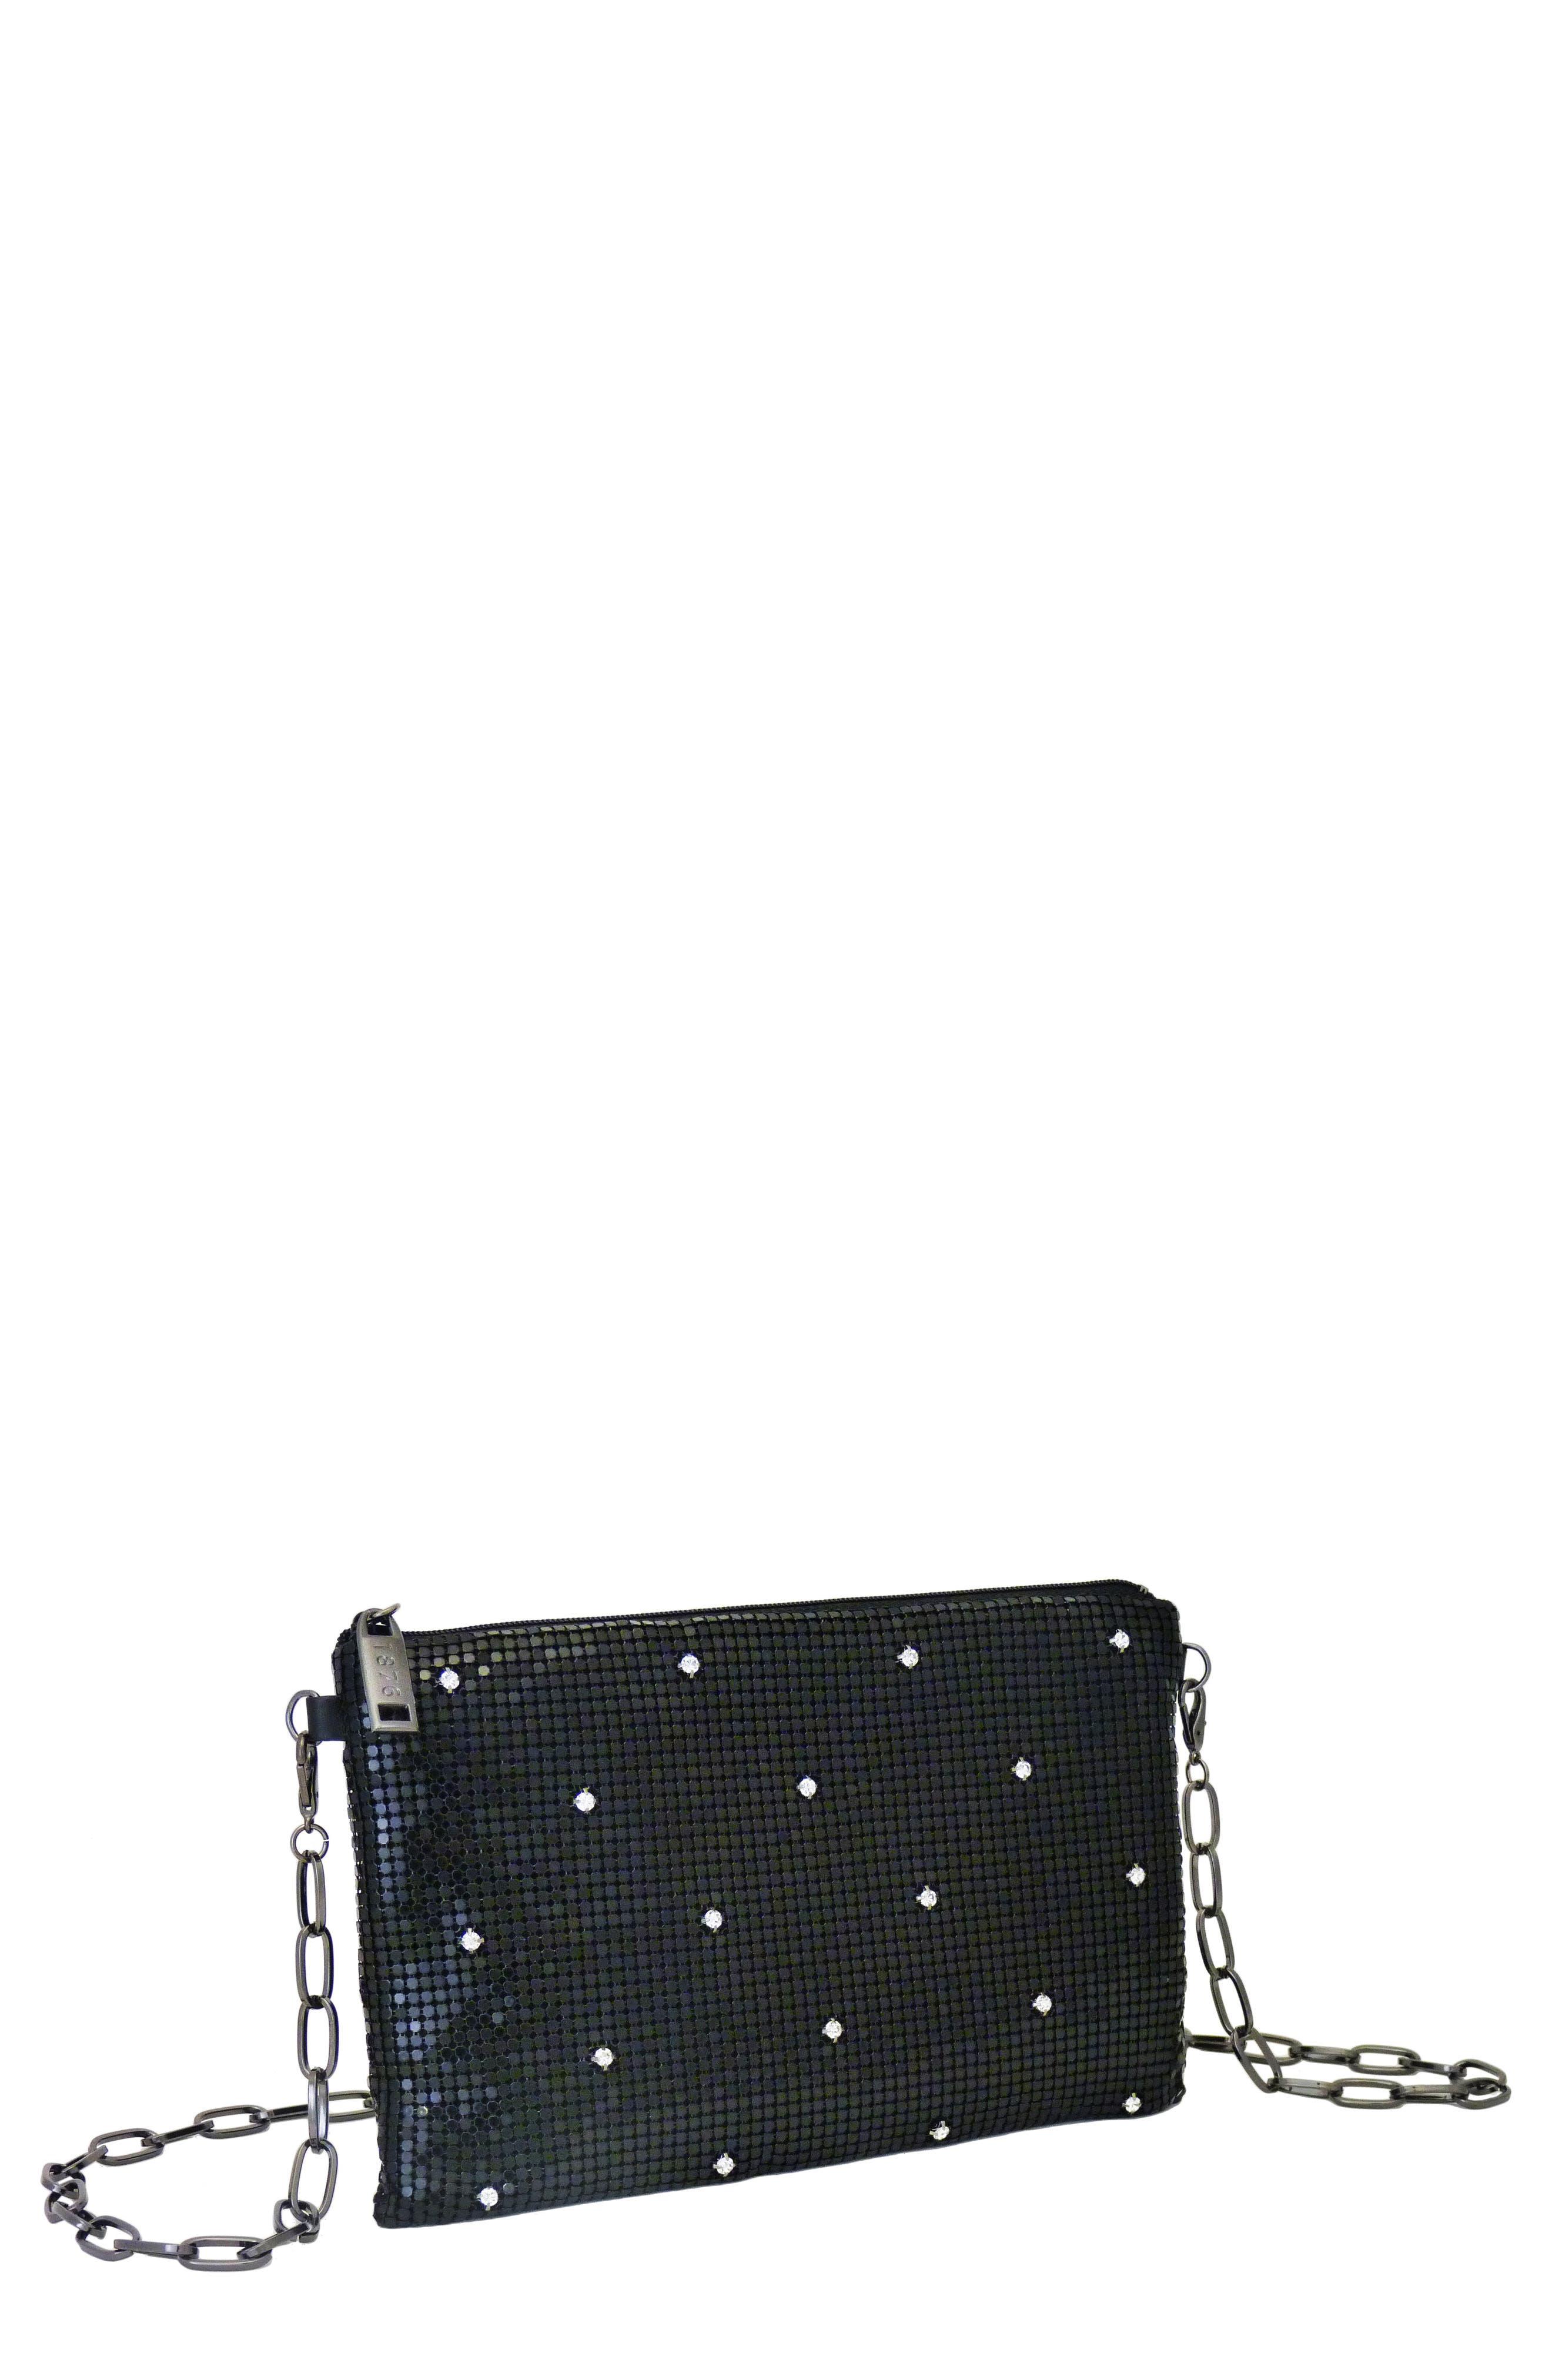 Crystal Belt Bag - Black